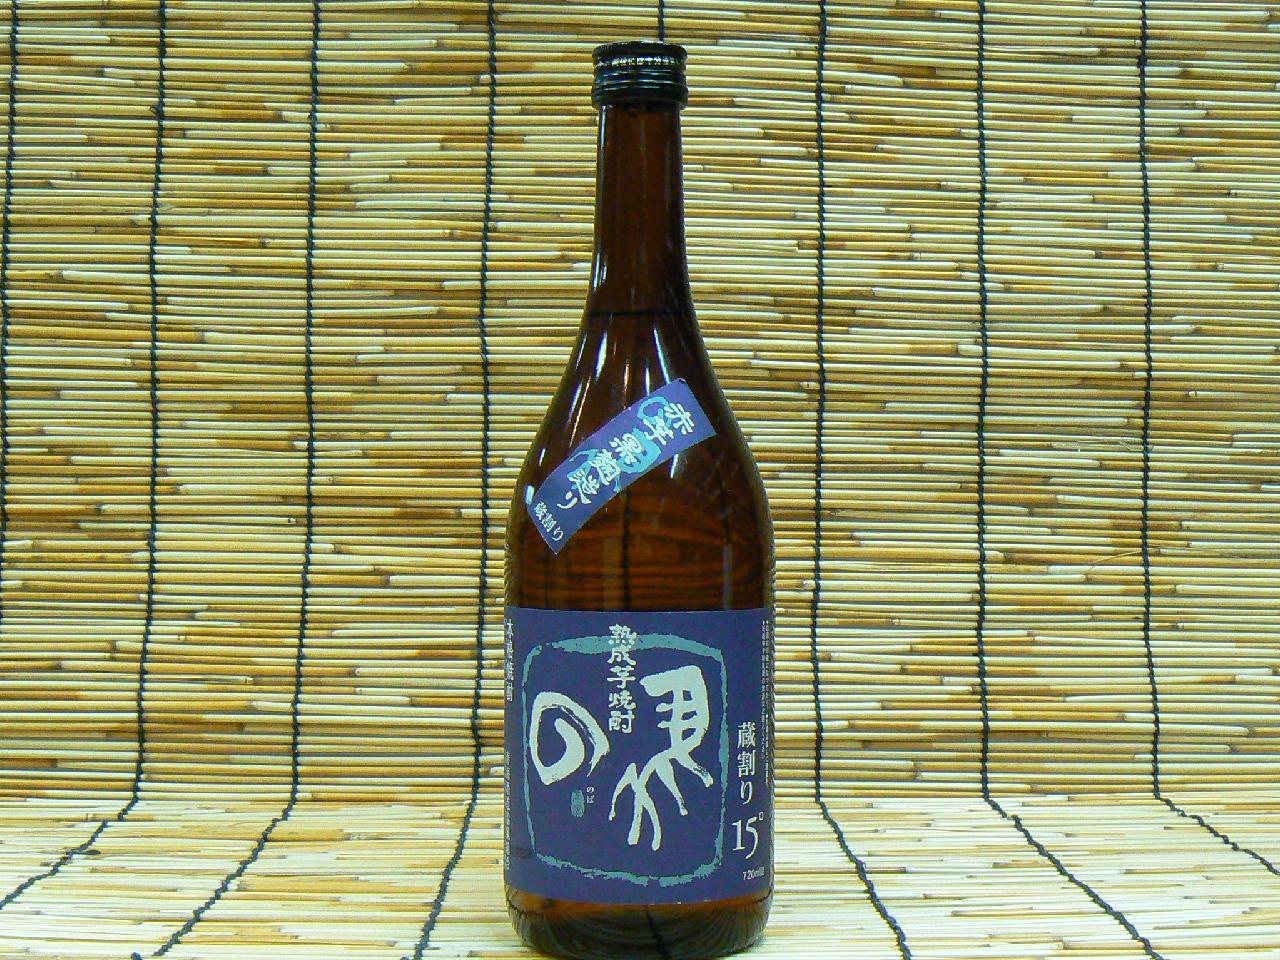 【寿海酒造】 芋 の馬 蔵割り 15°720ml